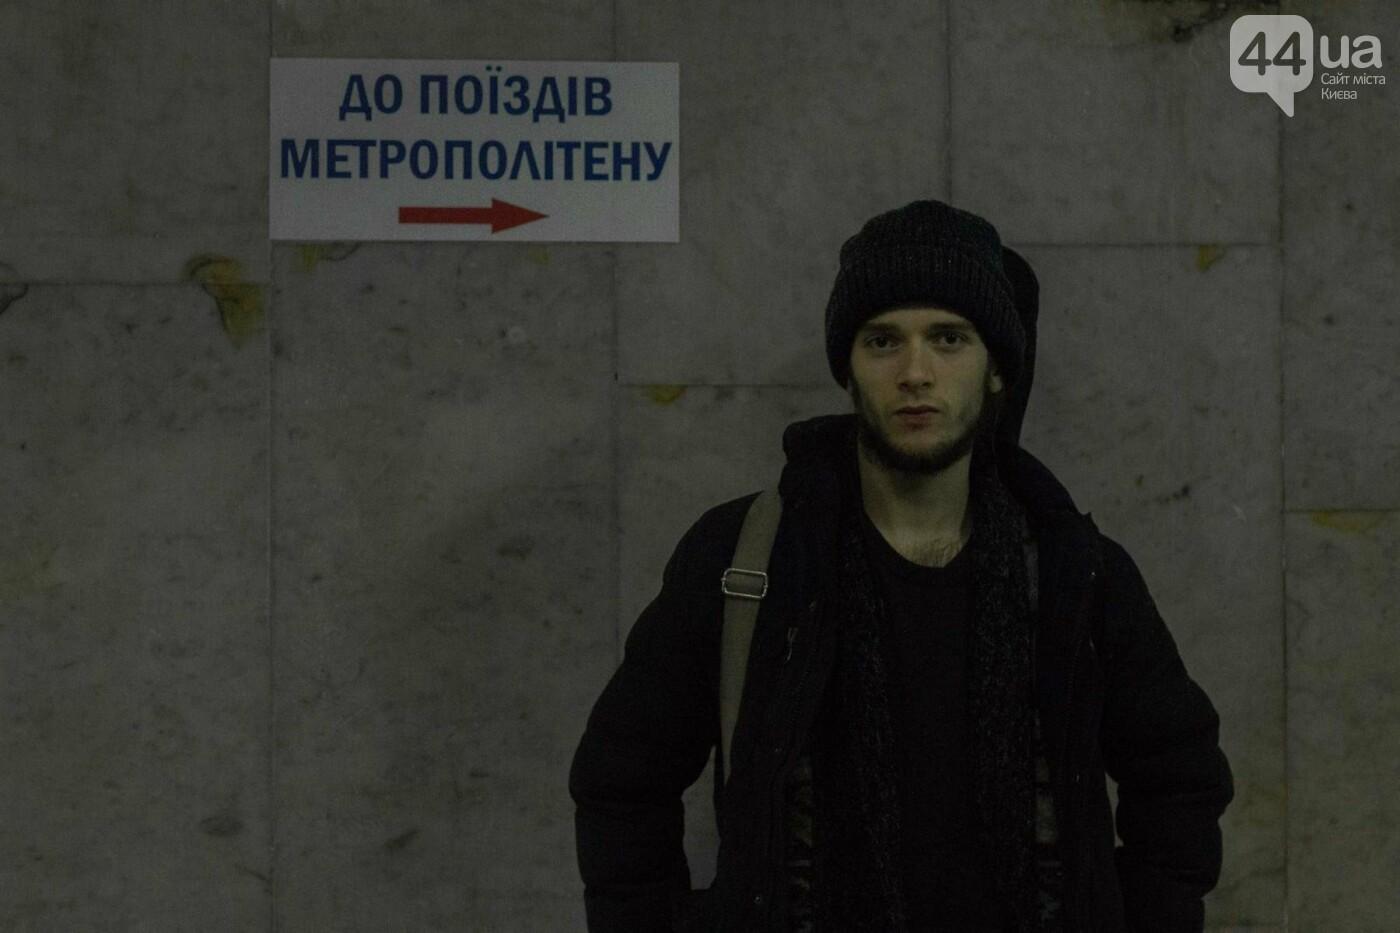 Играю не ради денег: как живется уличному музыканту в Киеве, фото-3